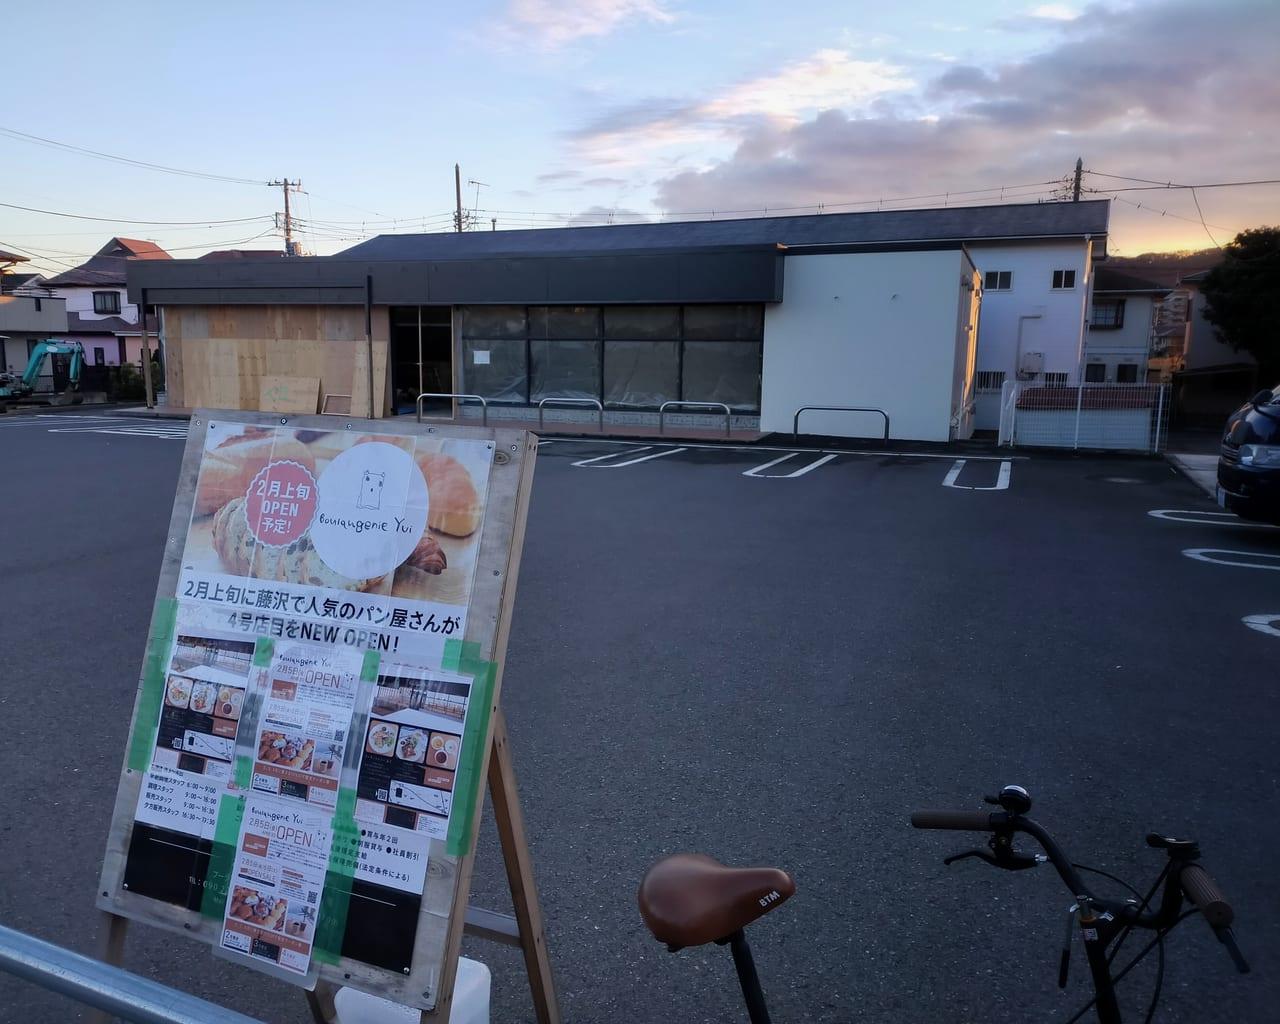 藤沢で人気のパン屋さん、「Boulangerie Yui(ブーランジェリー ユイ)」の4号店が2021年2月5日(金)に南原にオープンします!